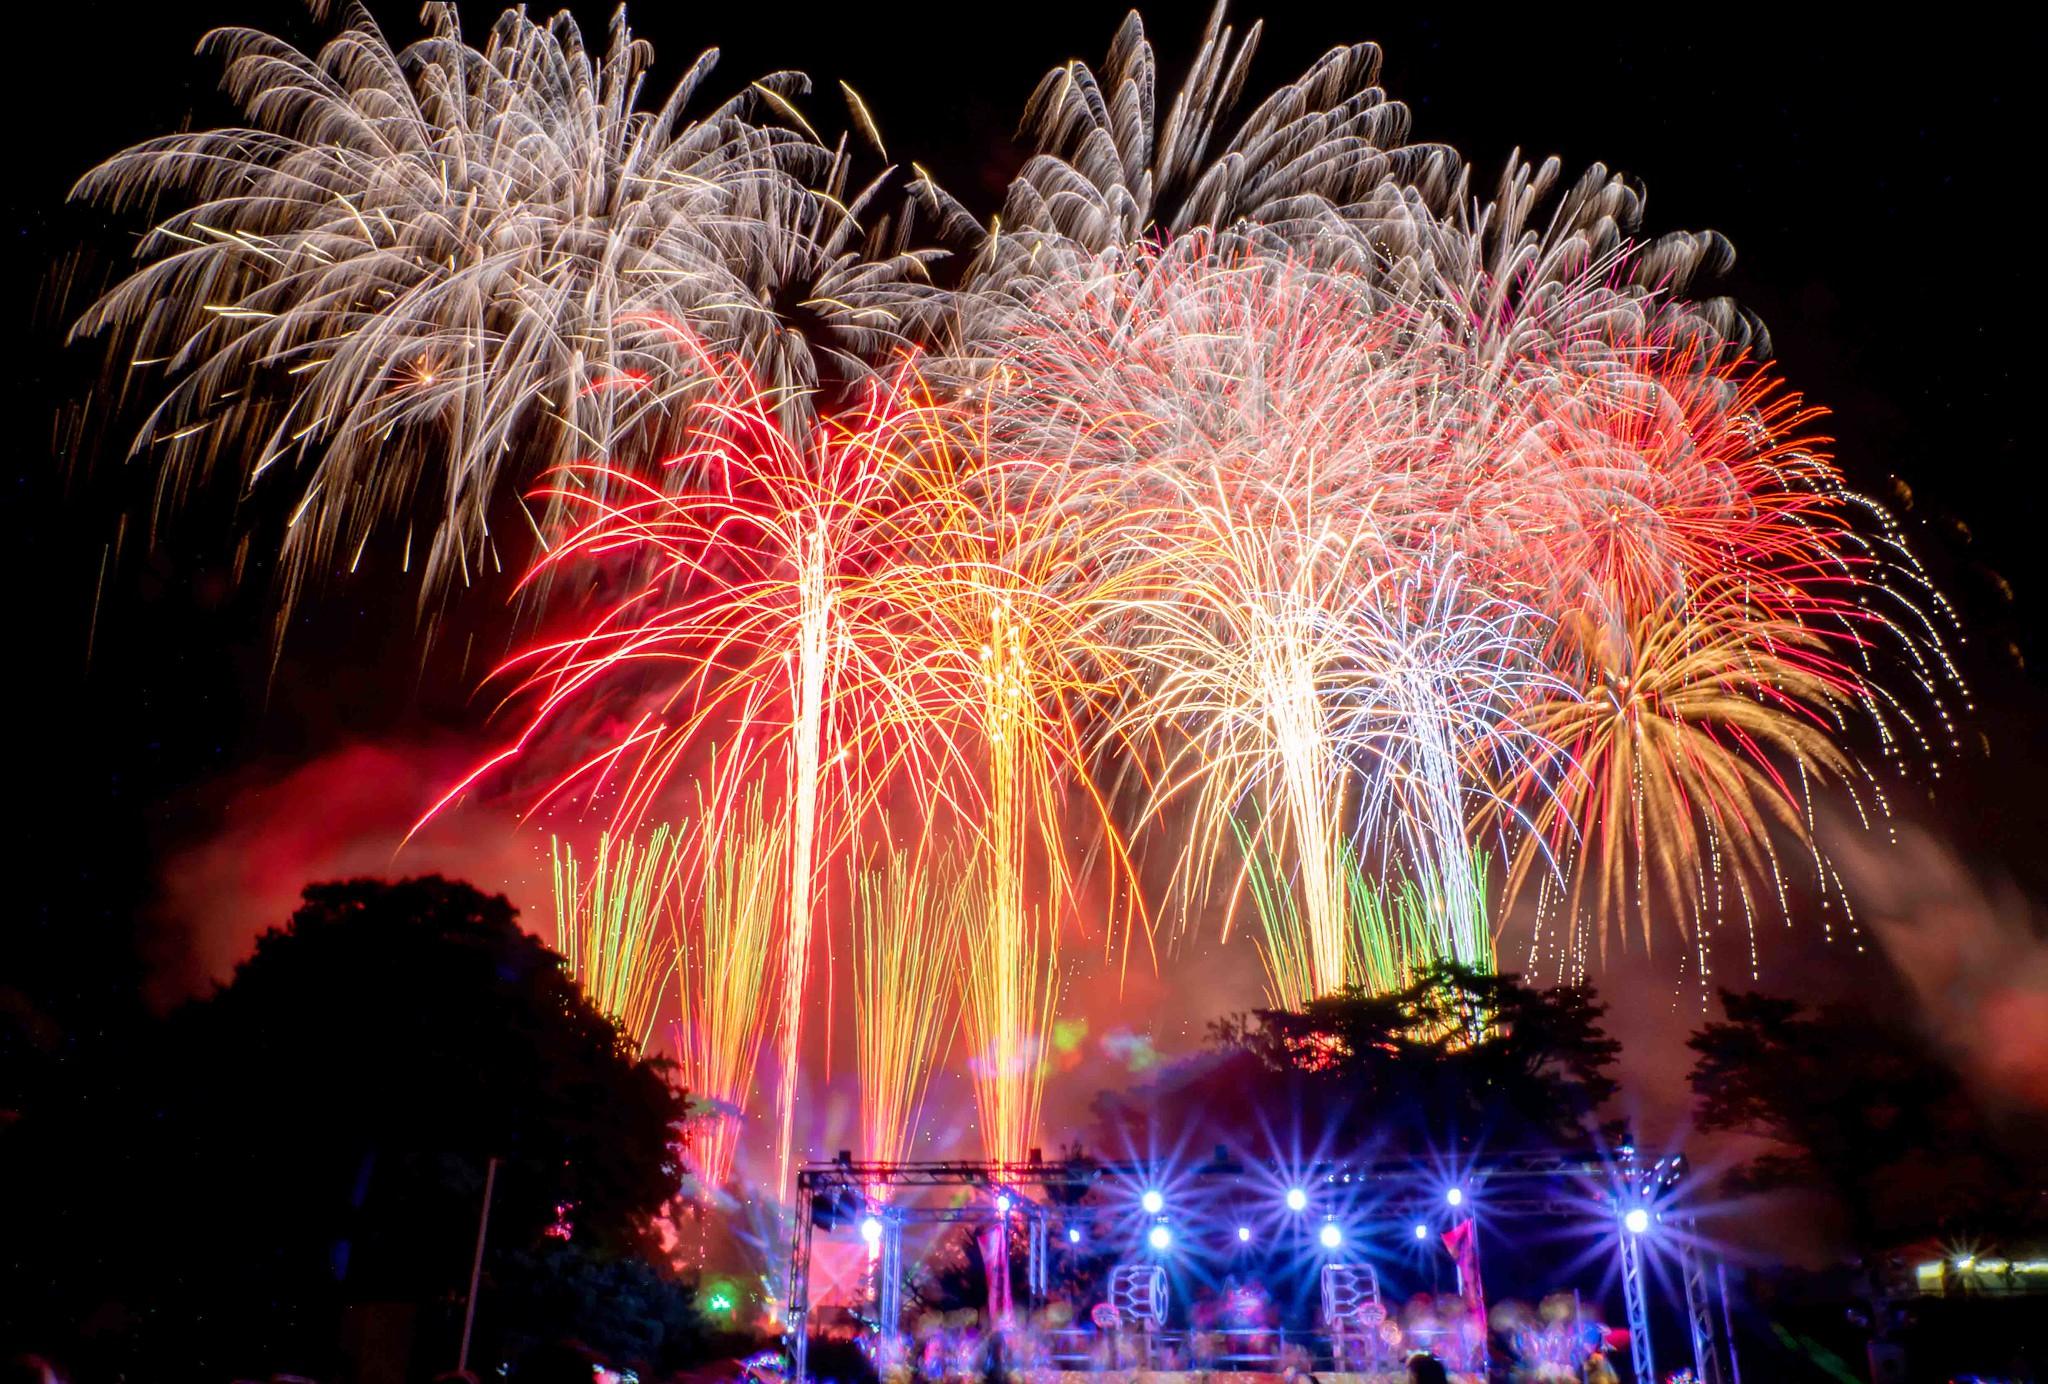 西武園ゆうえんち 大夏祭り 大火祭りのパフォーマンスと花火